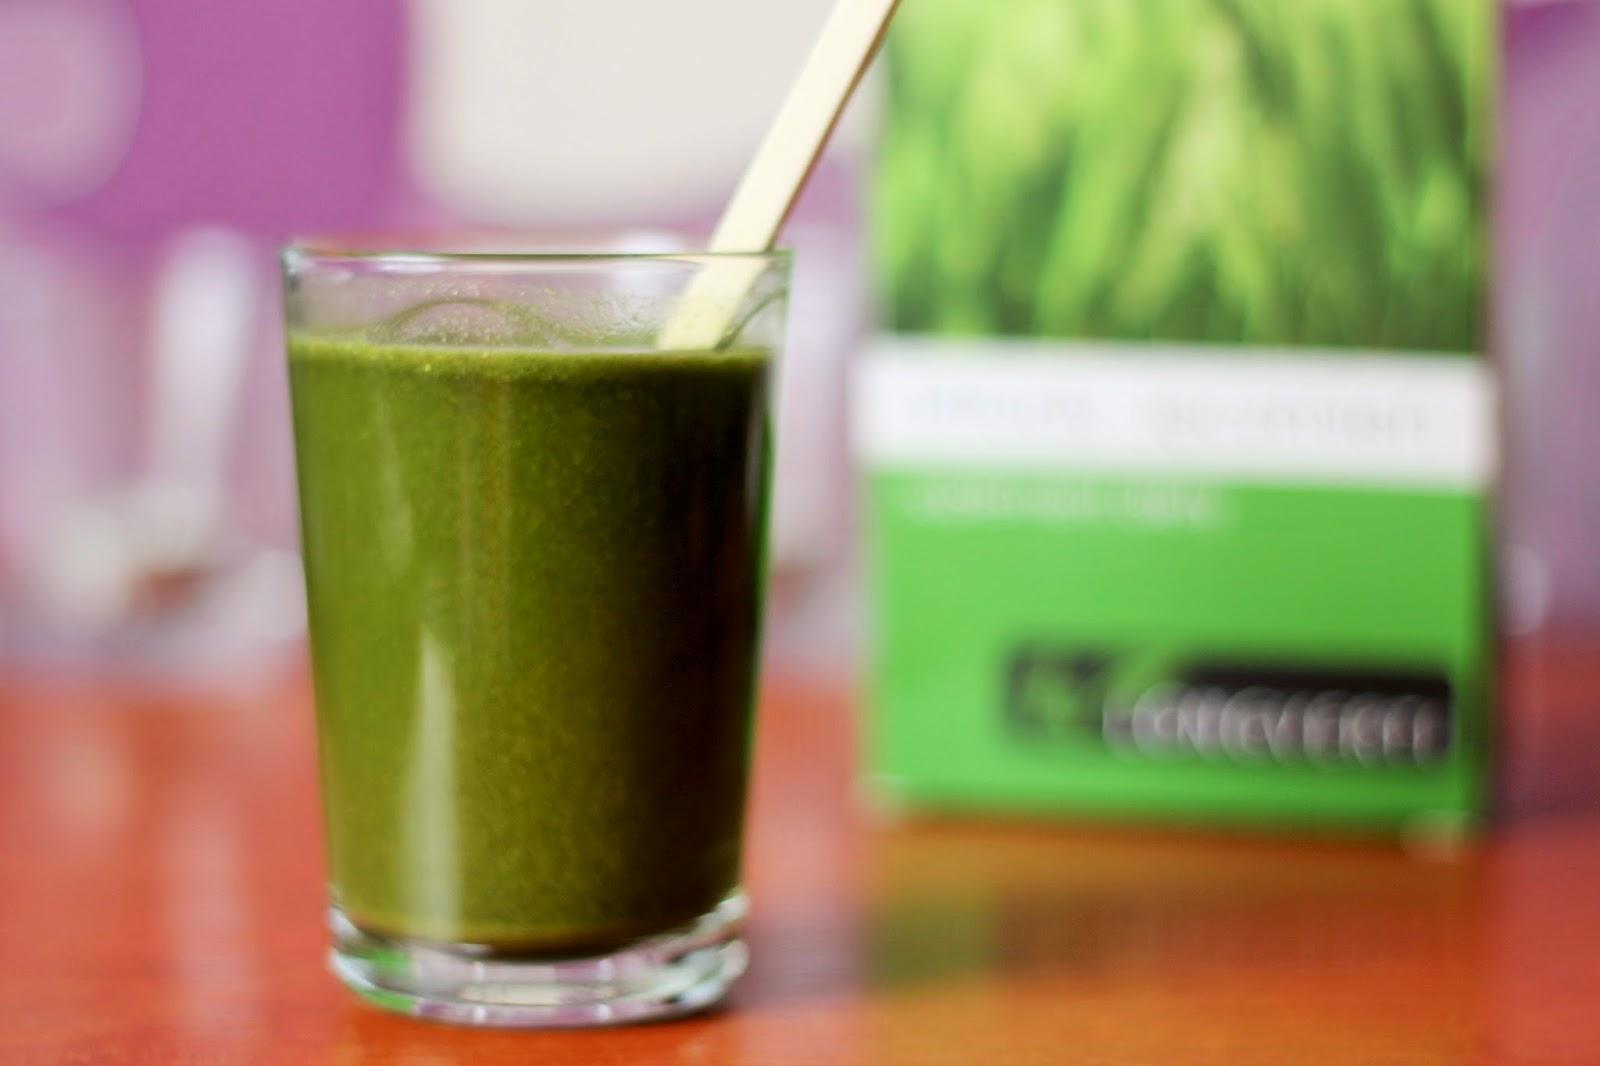 Cudowny zielony sok?